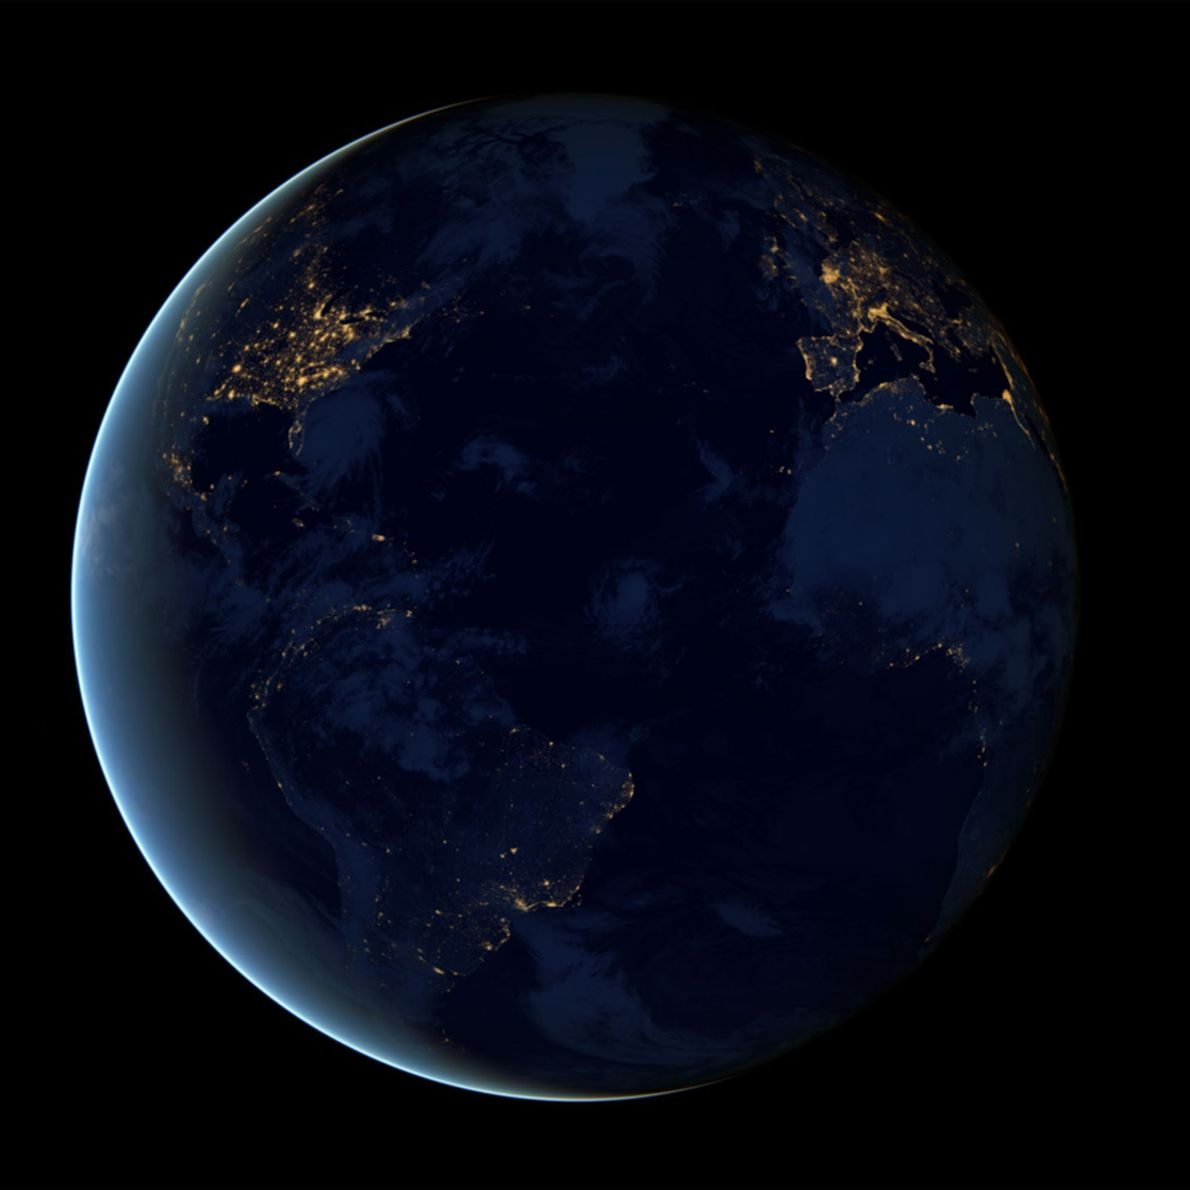 La cara oscura de la Tierra